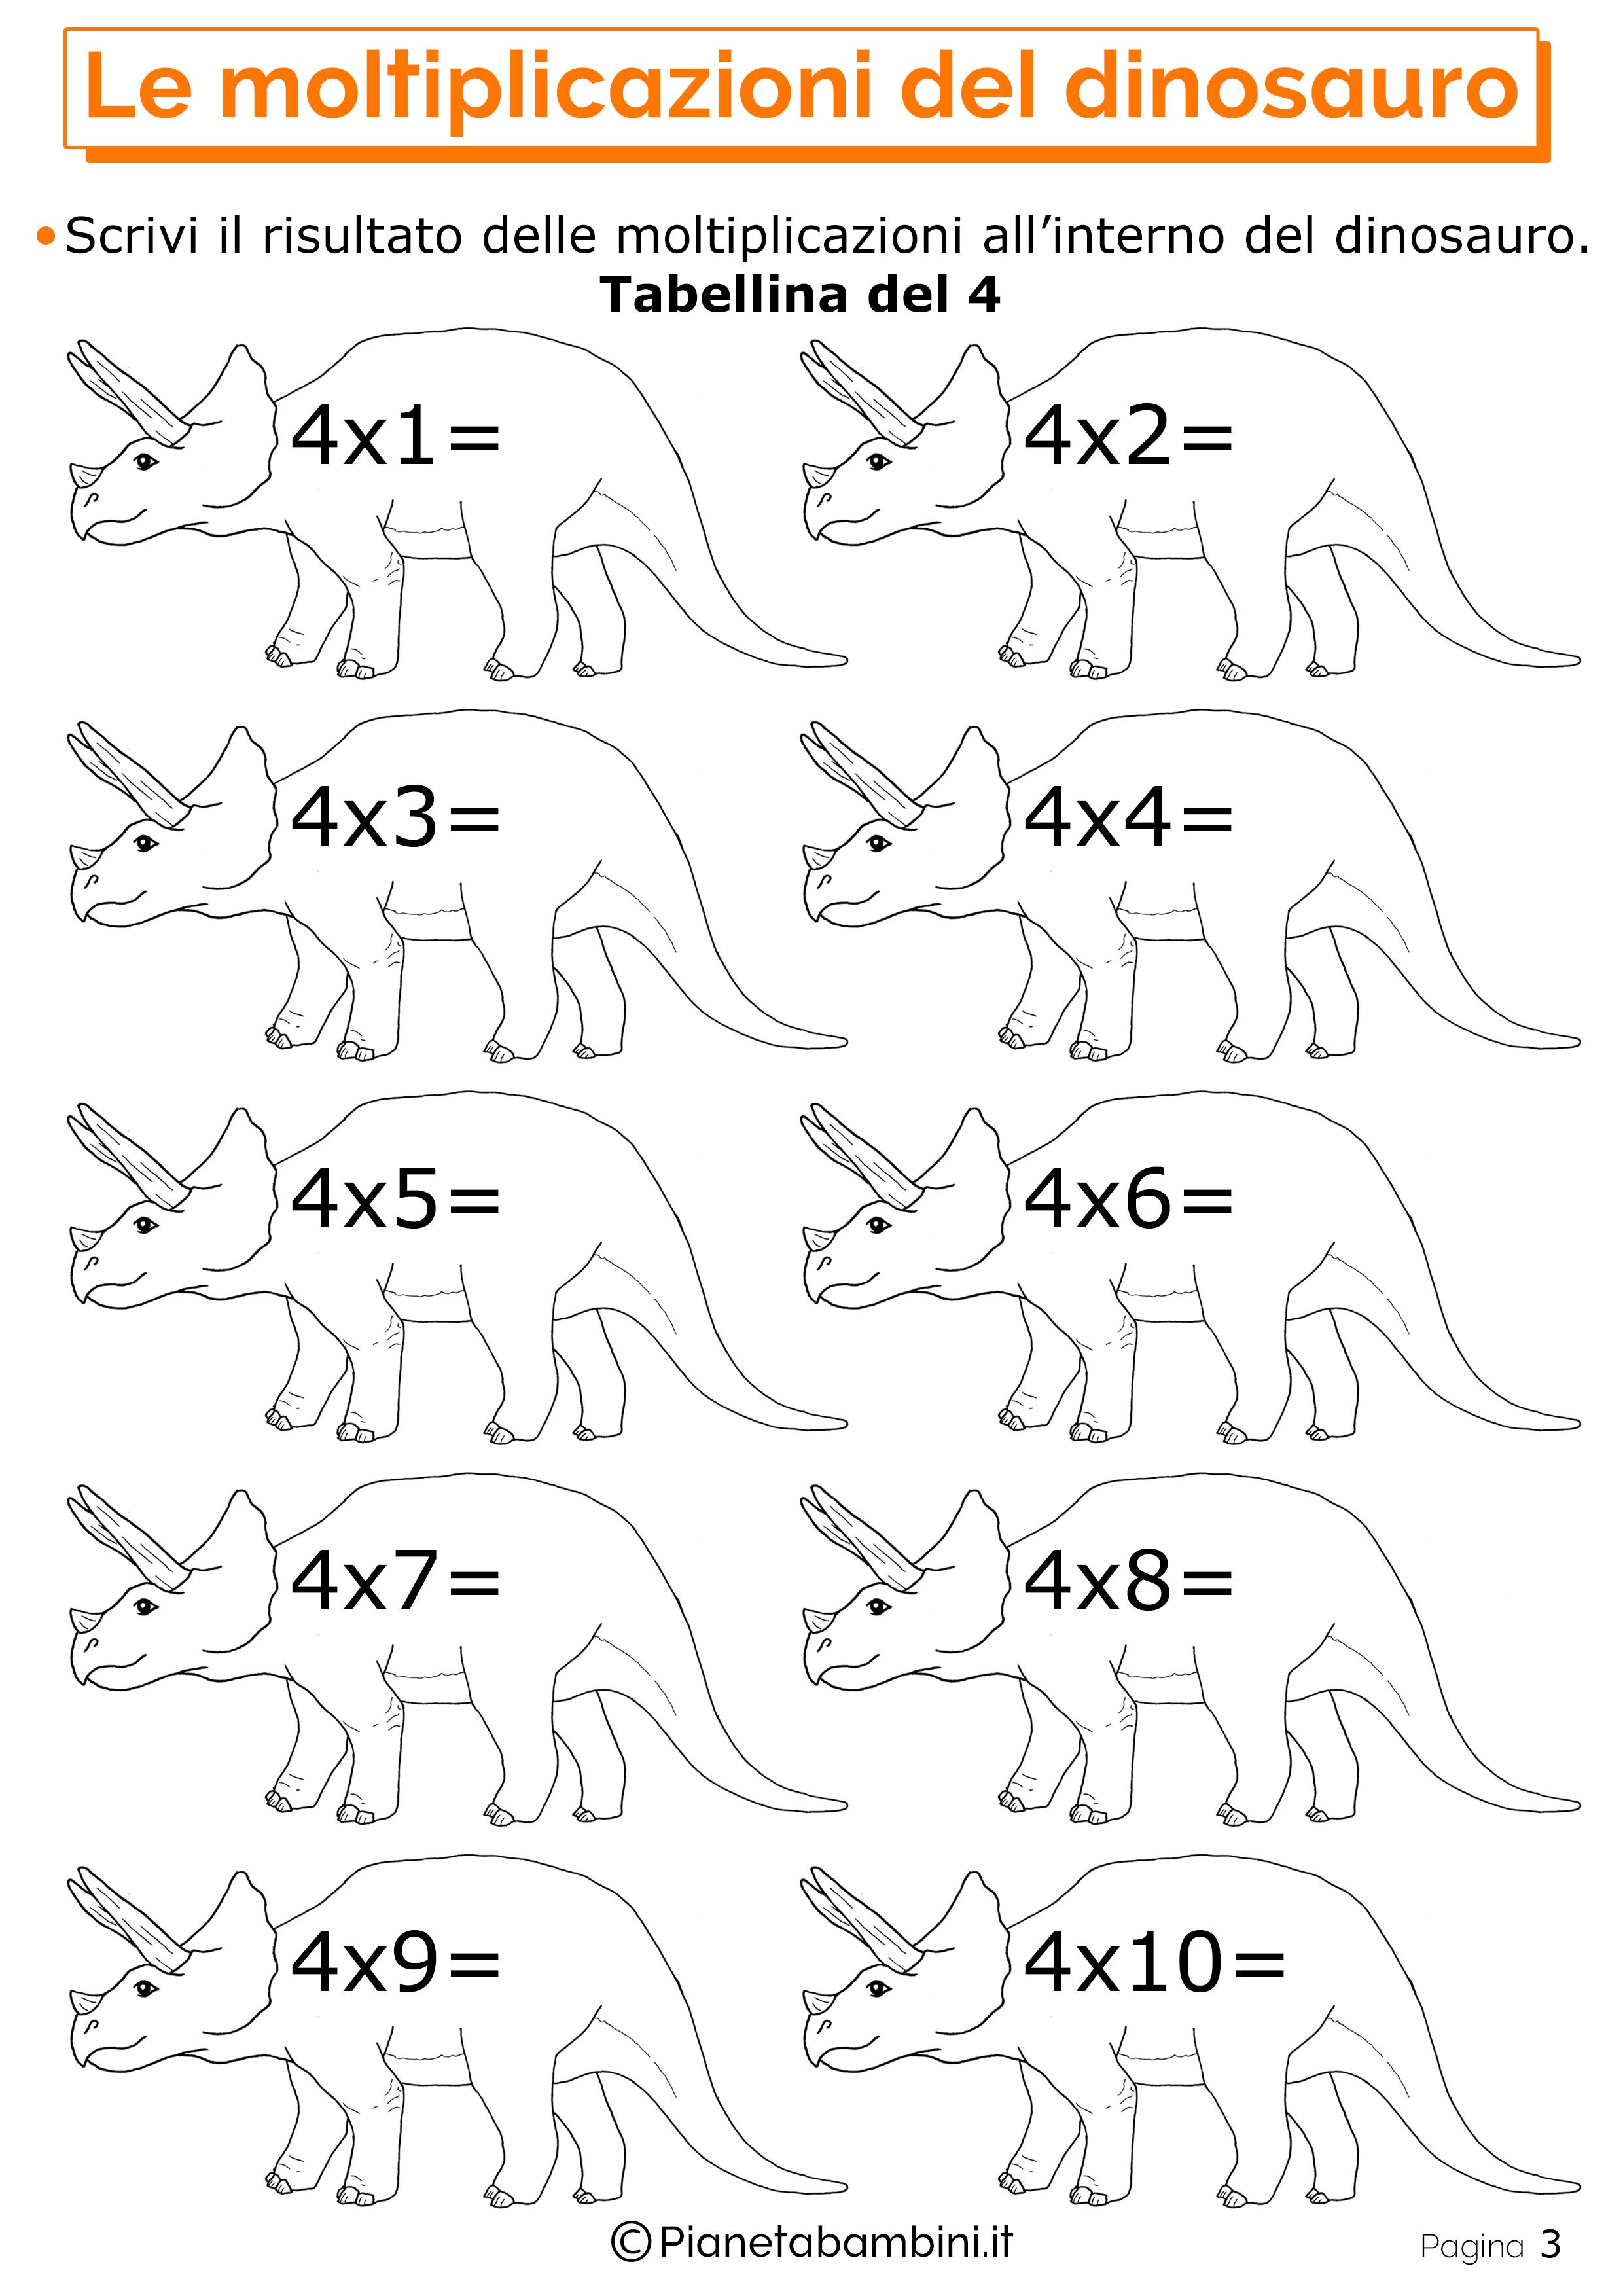 Moltiplicazioni-Dinosauro_3